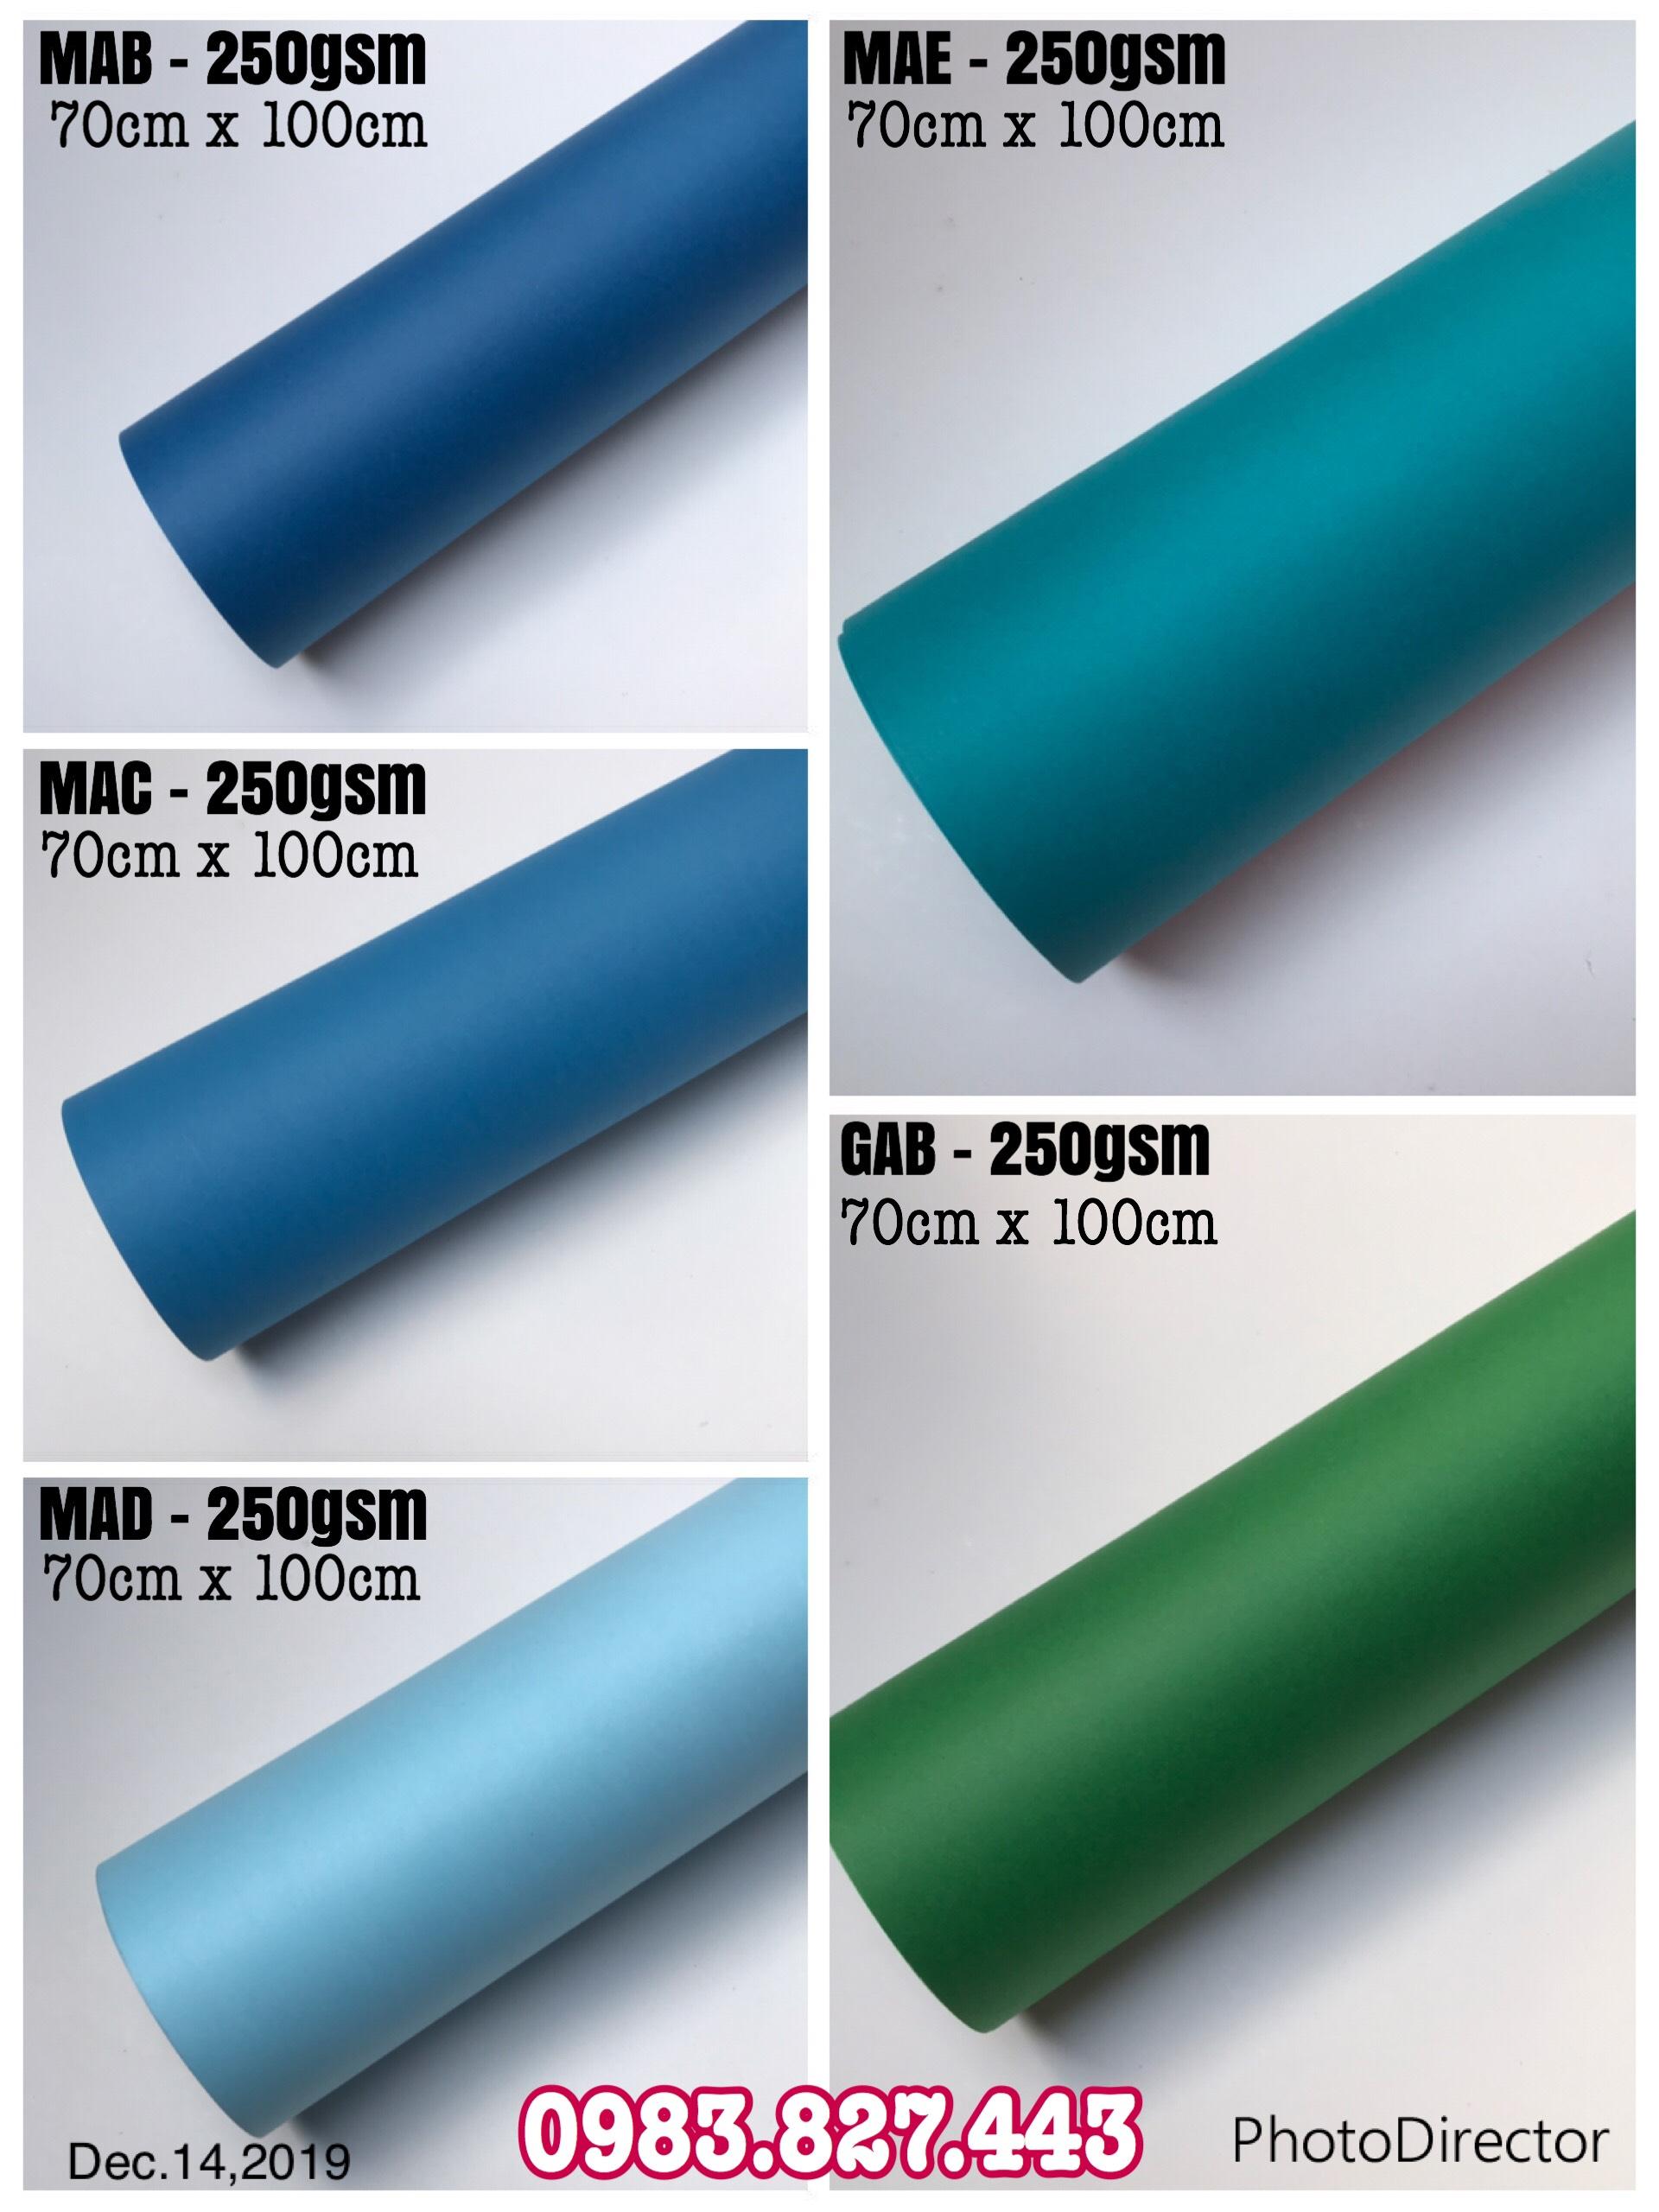 Giấy mỹ thuật định lượng 250gsm - 300gsm (KT: 70cm x 100cm or 79cm x 109cm) - Set 04 tờ_GHM06